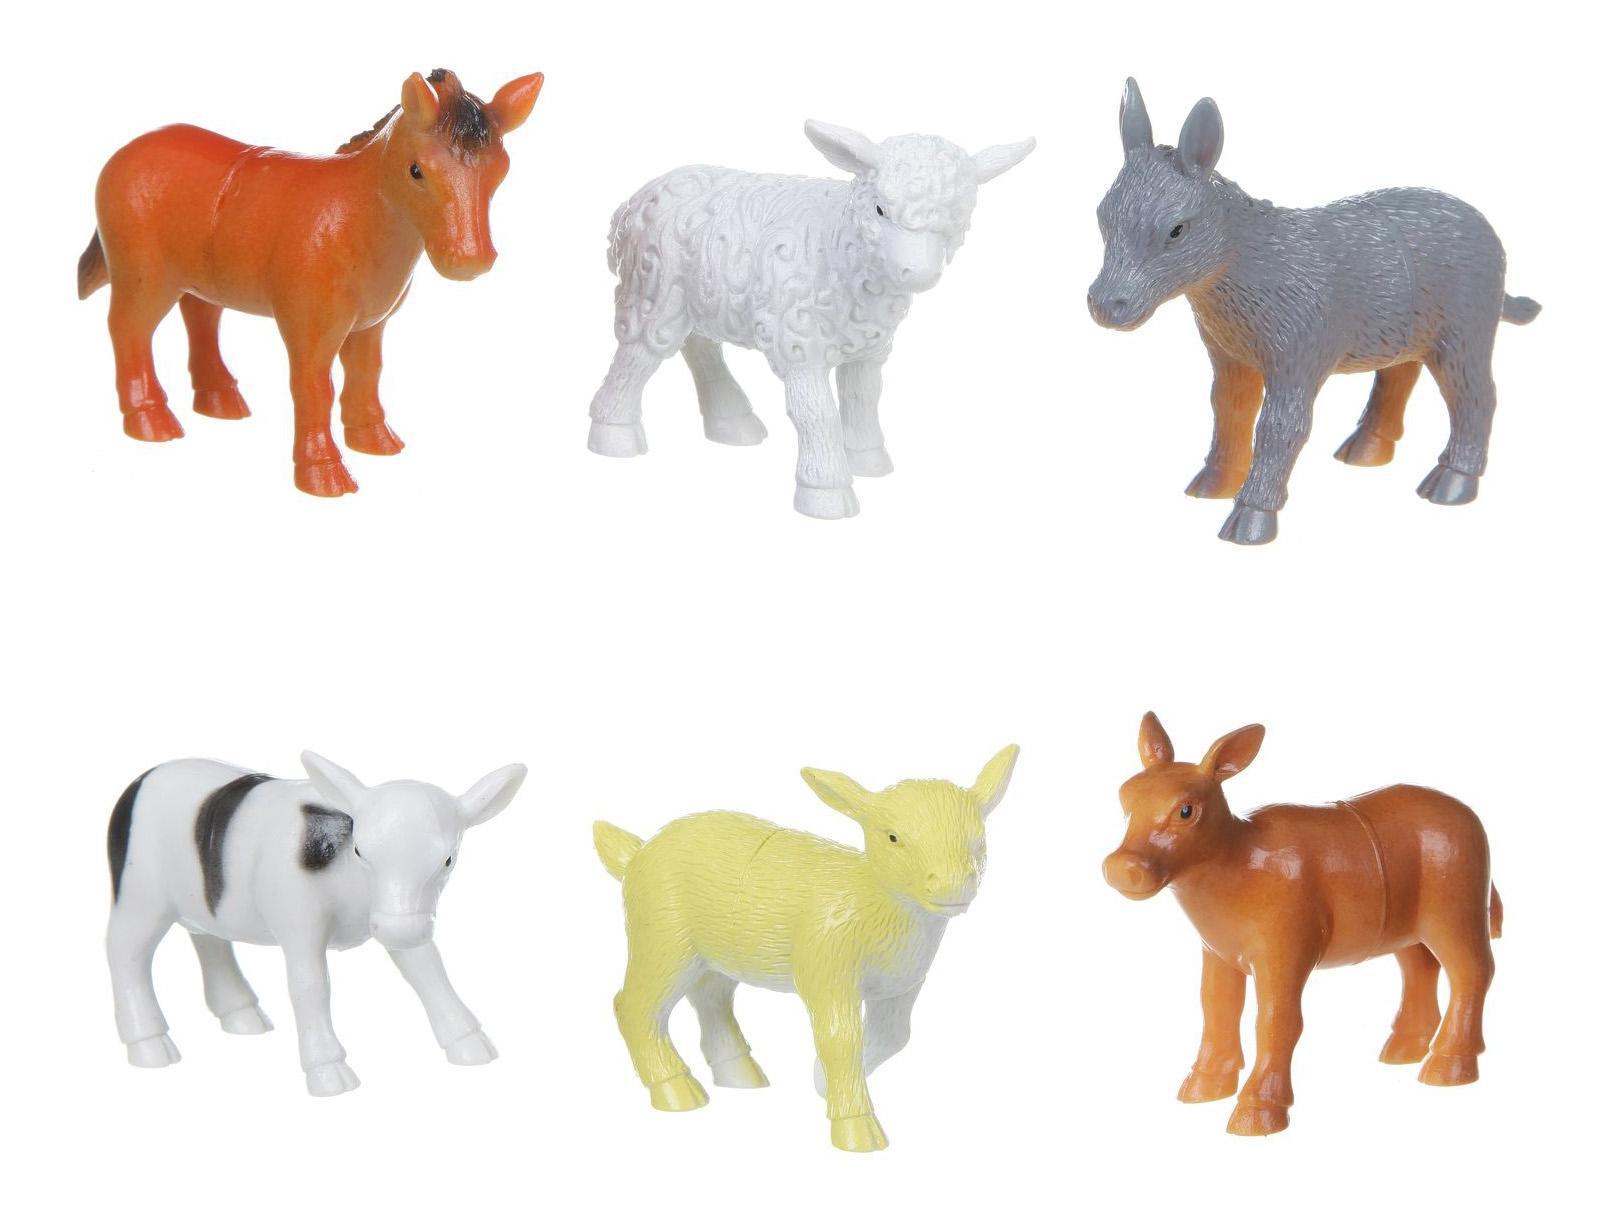 Купить Набор животных Bondibon ребятам о зверятах, детёныши домашних животных, 3-3, 5, Фигурки животных